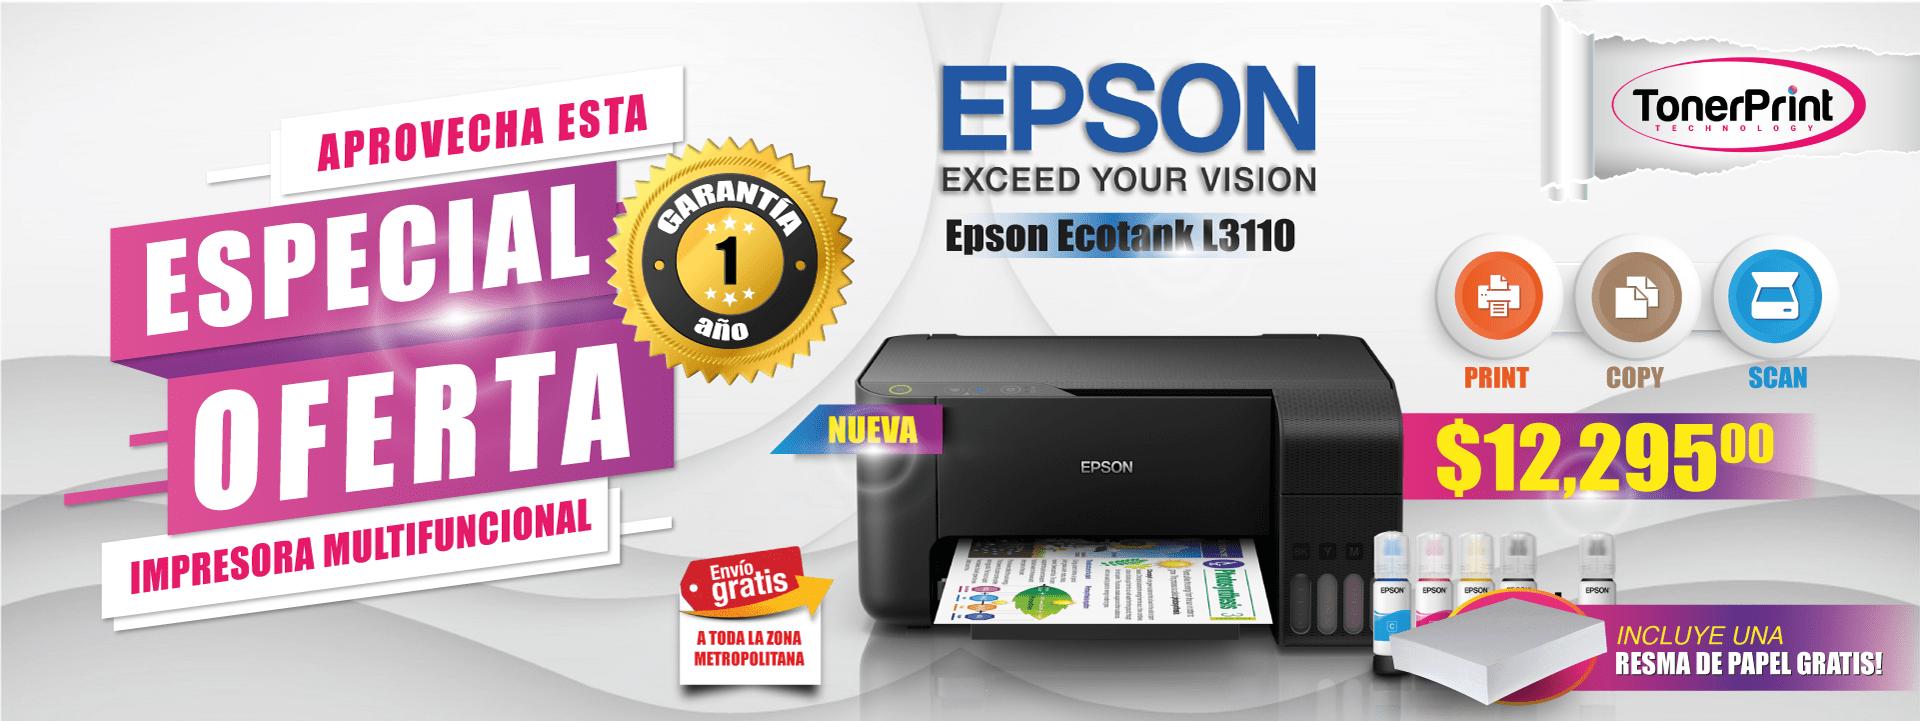 epson-impresora-oferta